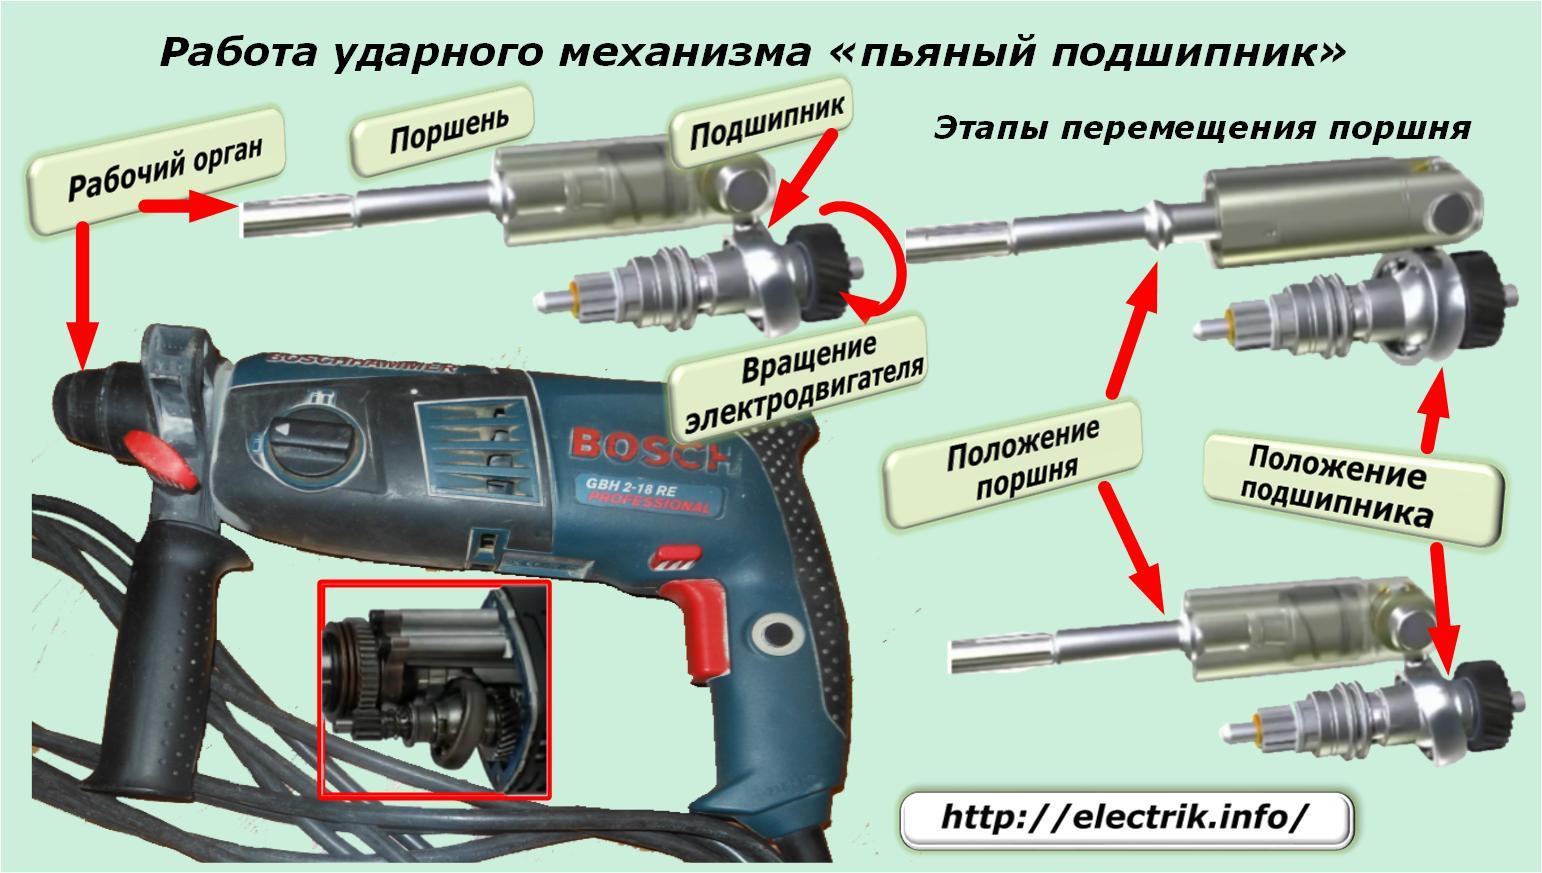 Как пользоваться перфоратором? как штробить стены под проводку? тонкости работы с перфоратором и можно ли использовать его как шуруповерт?